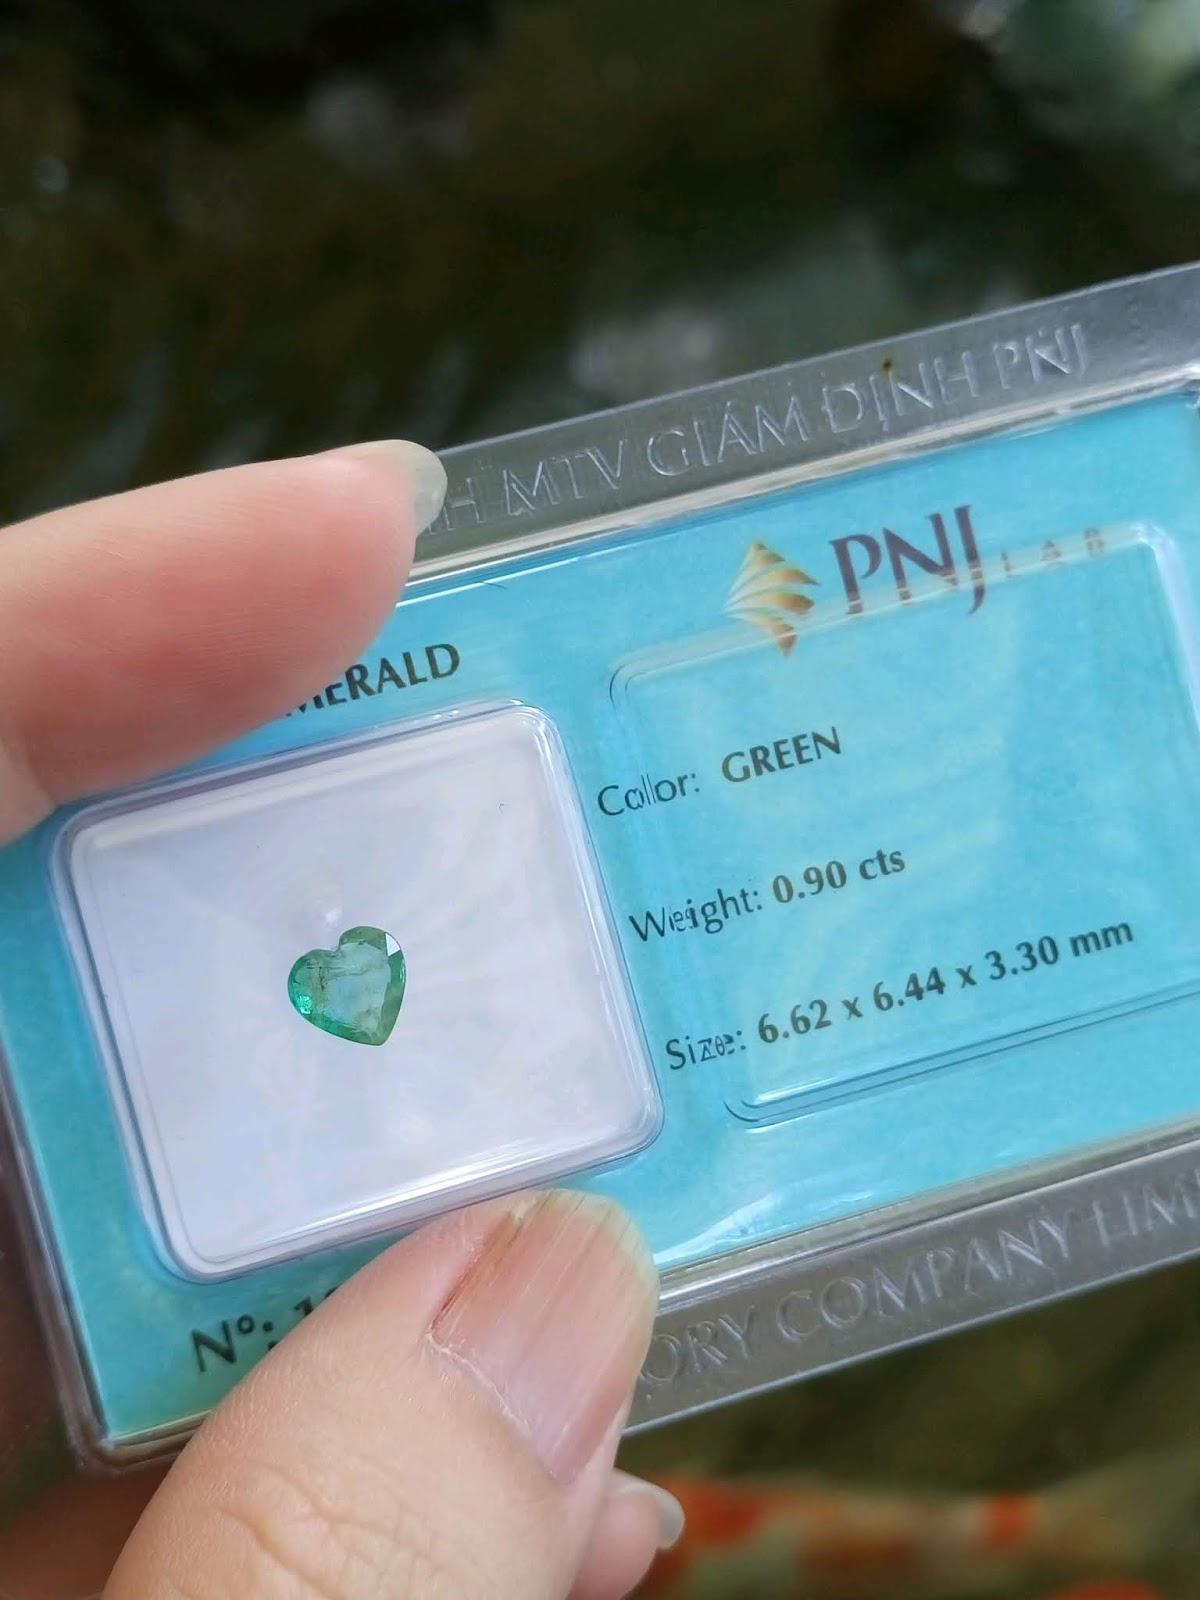 Ngọc Lục Bảo giác trái tim đã kiểm định PNJ